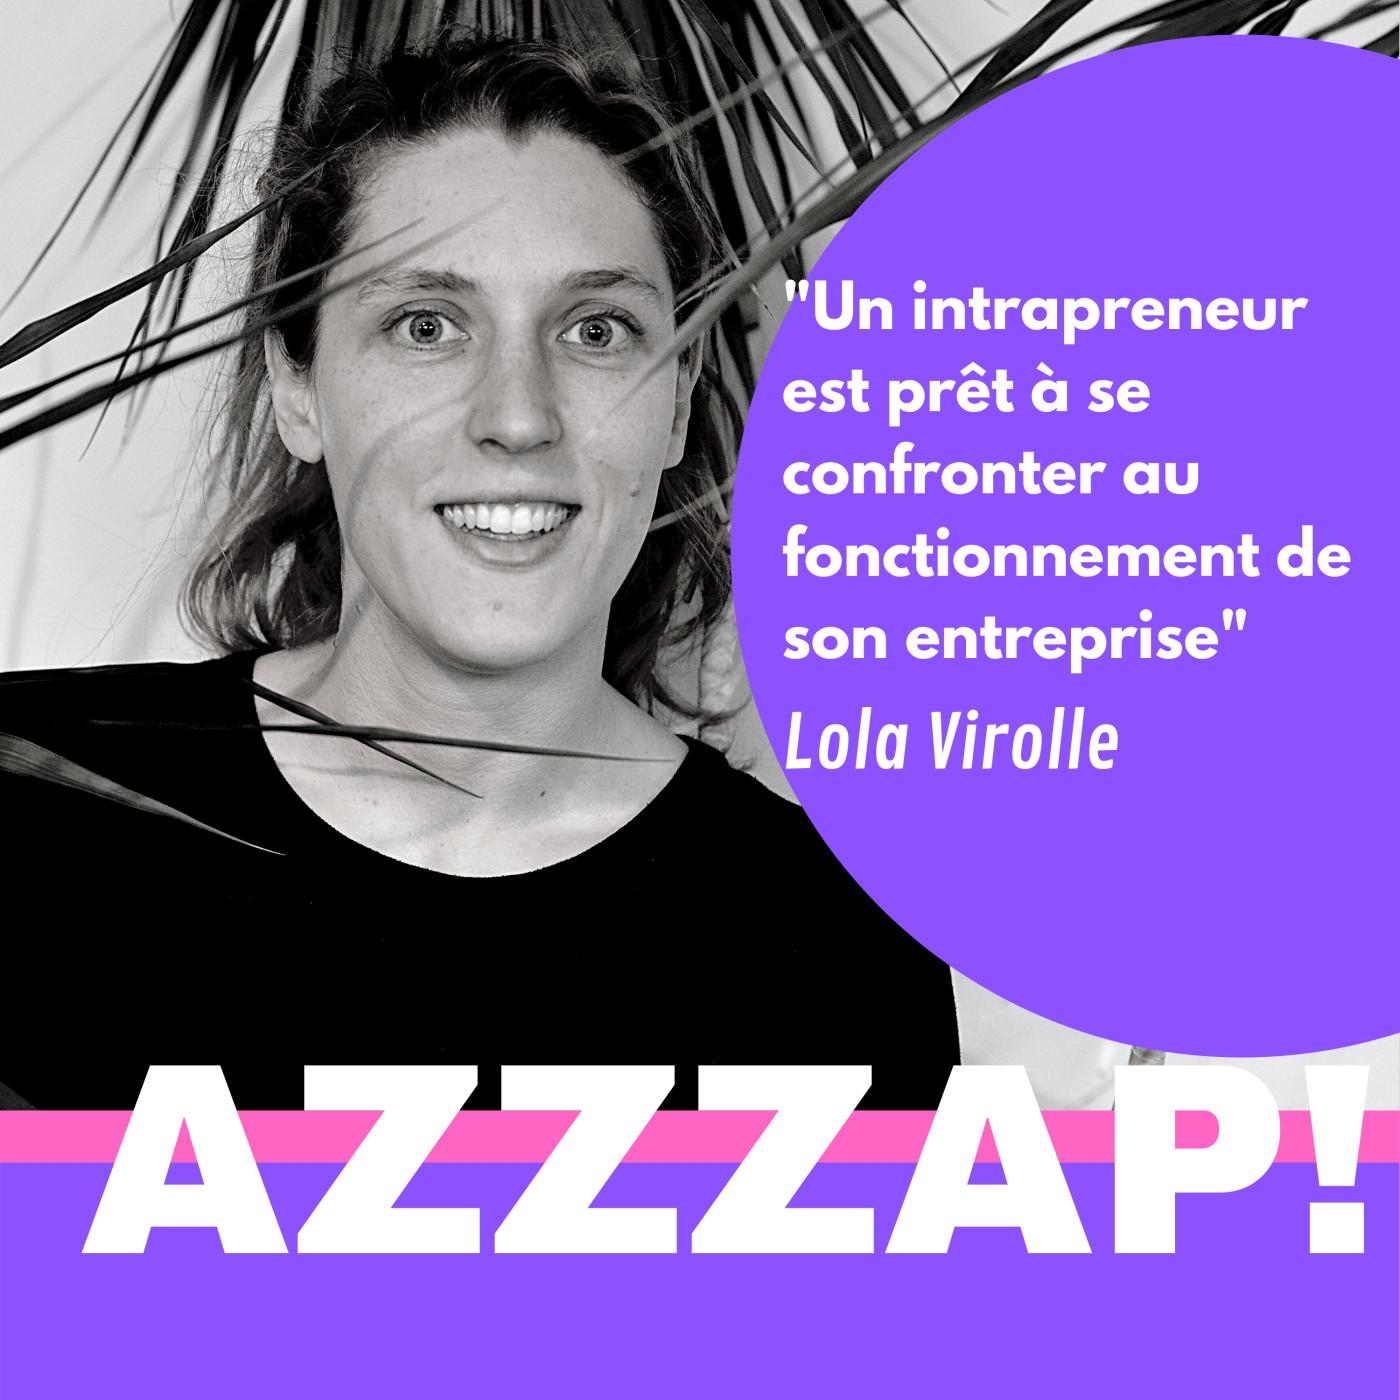 Comment encourager l'intrapreneuriat avec succès dans une entreprise ? Lola Virolle, co-directrice de Make Sense